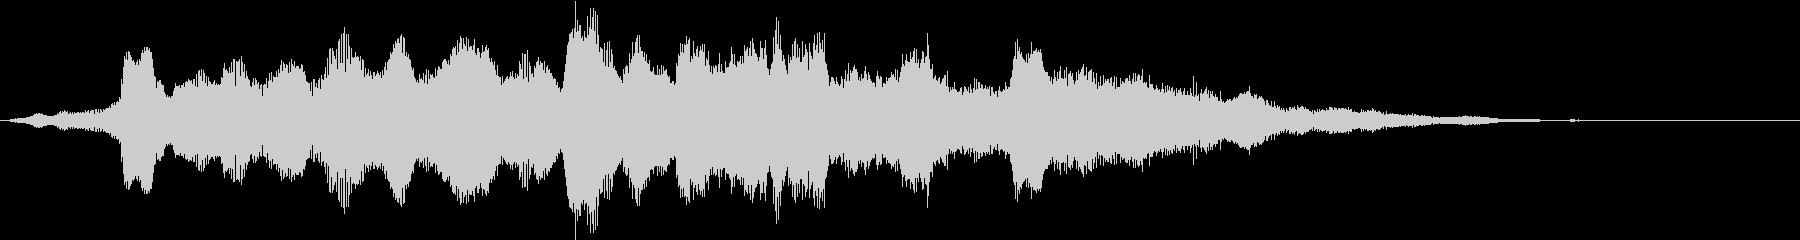 明るいイメージのサウンドロゴ03の未再生の波形